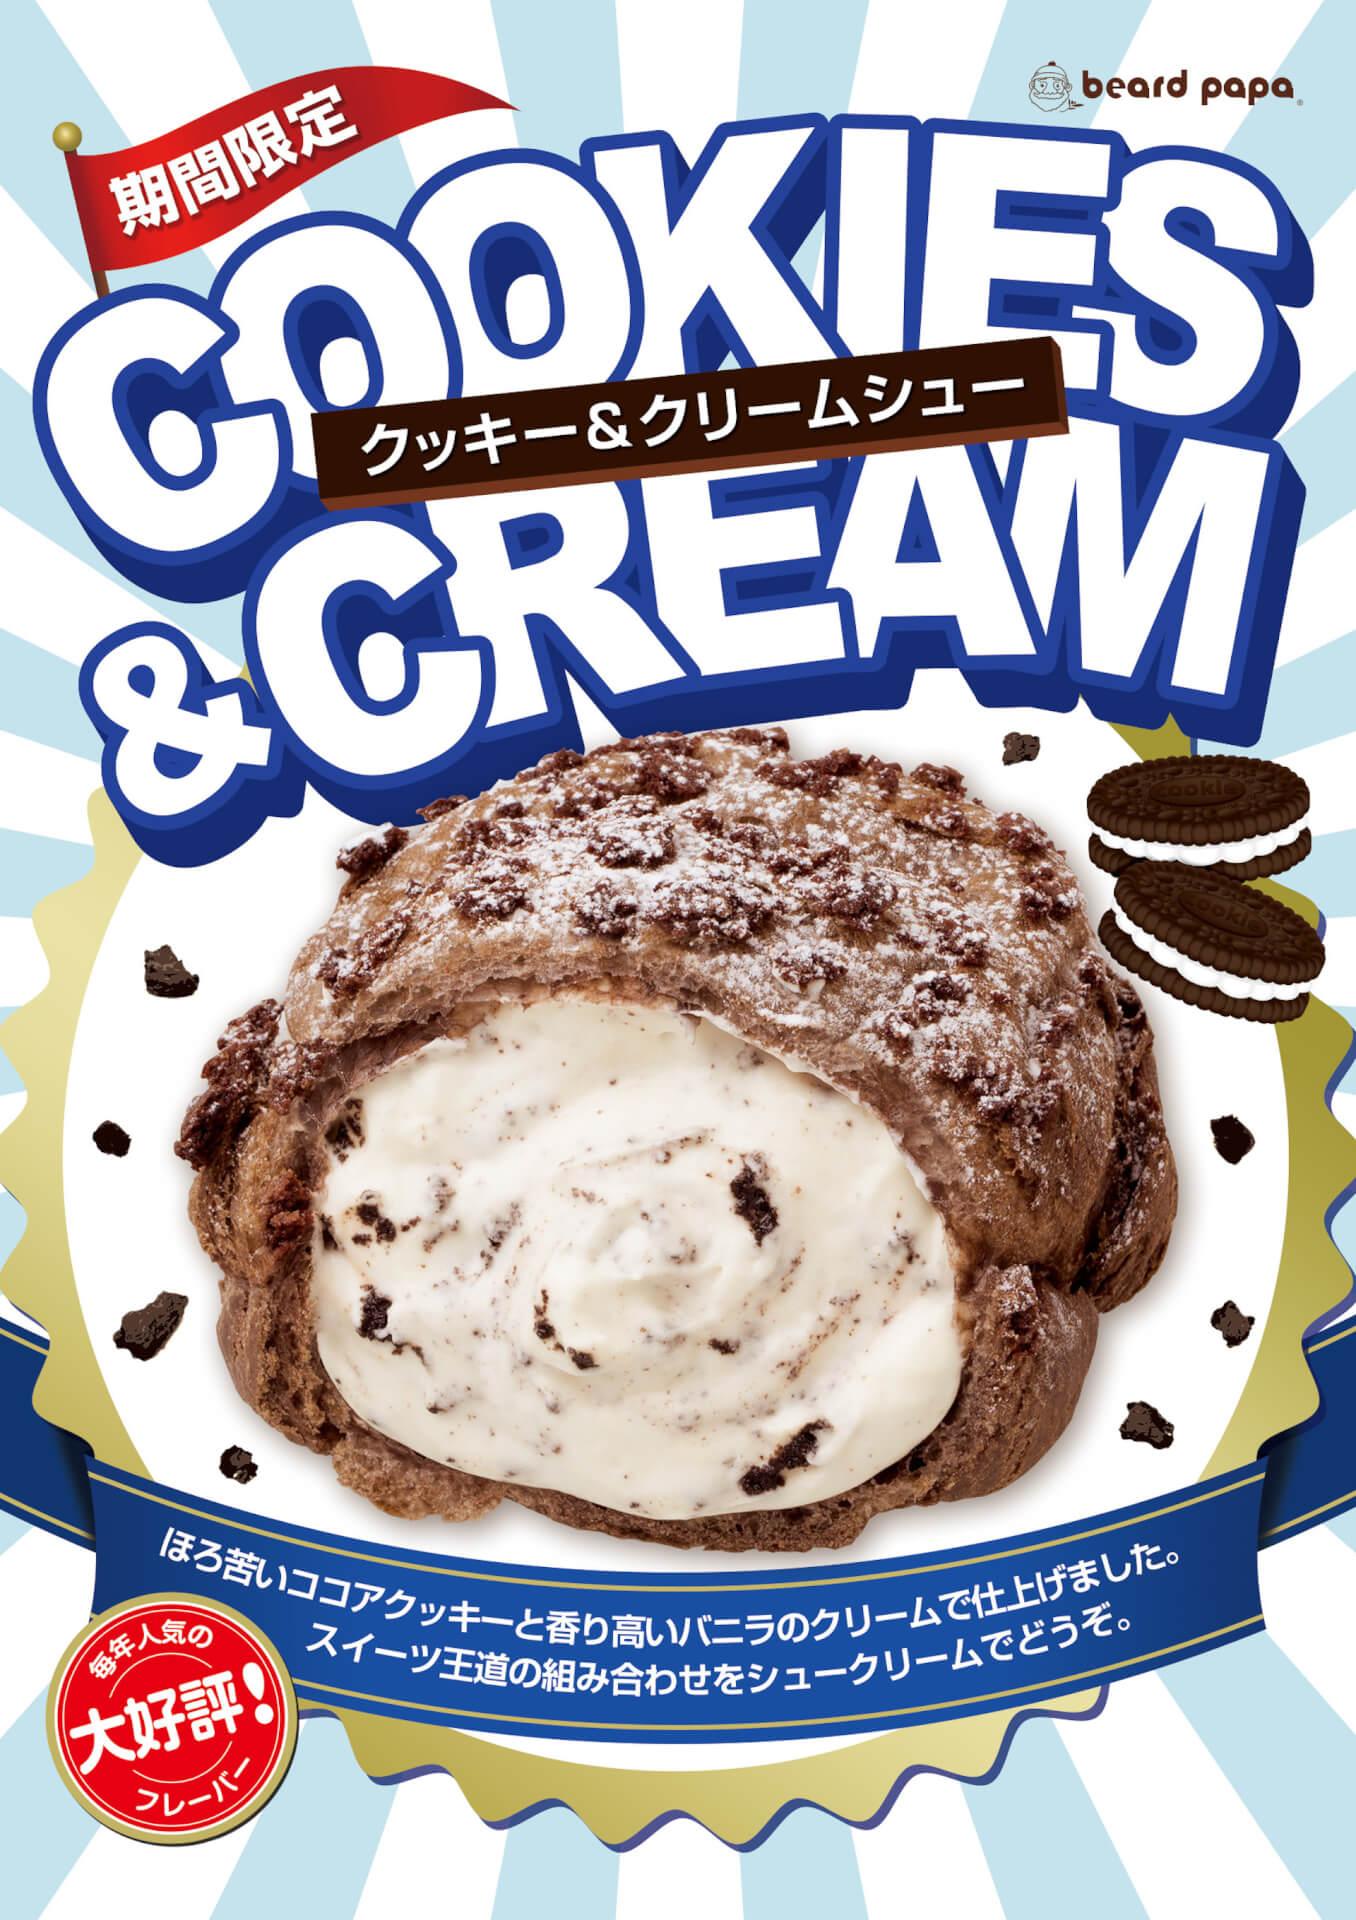 ビアードパパに期間限定のシュークリーム「かりんとうシュー」と「クッキー&クリームシュー」が登場! gourmet210301_beardpapa_5